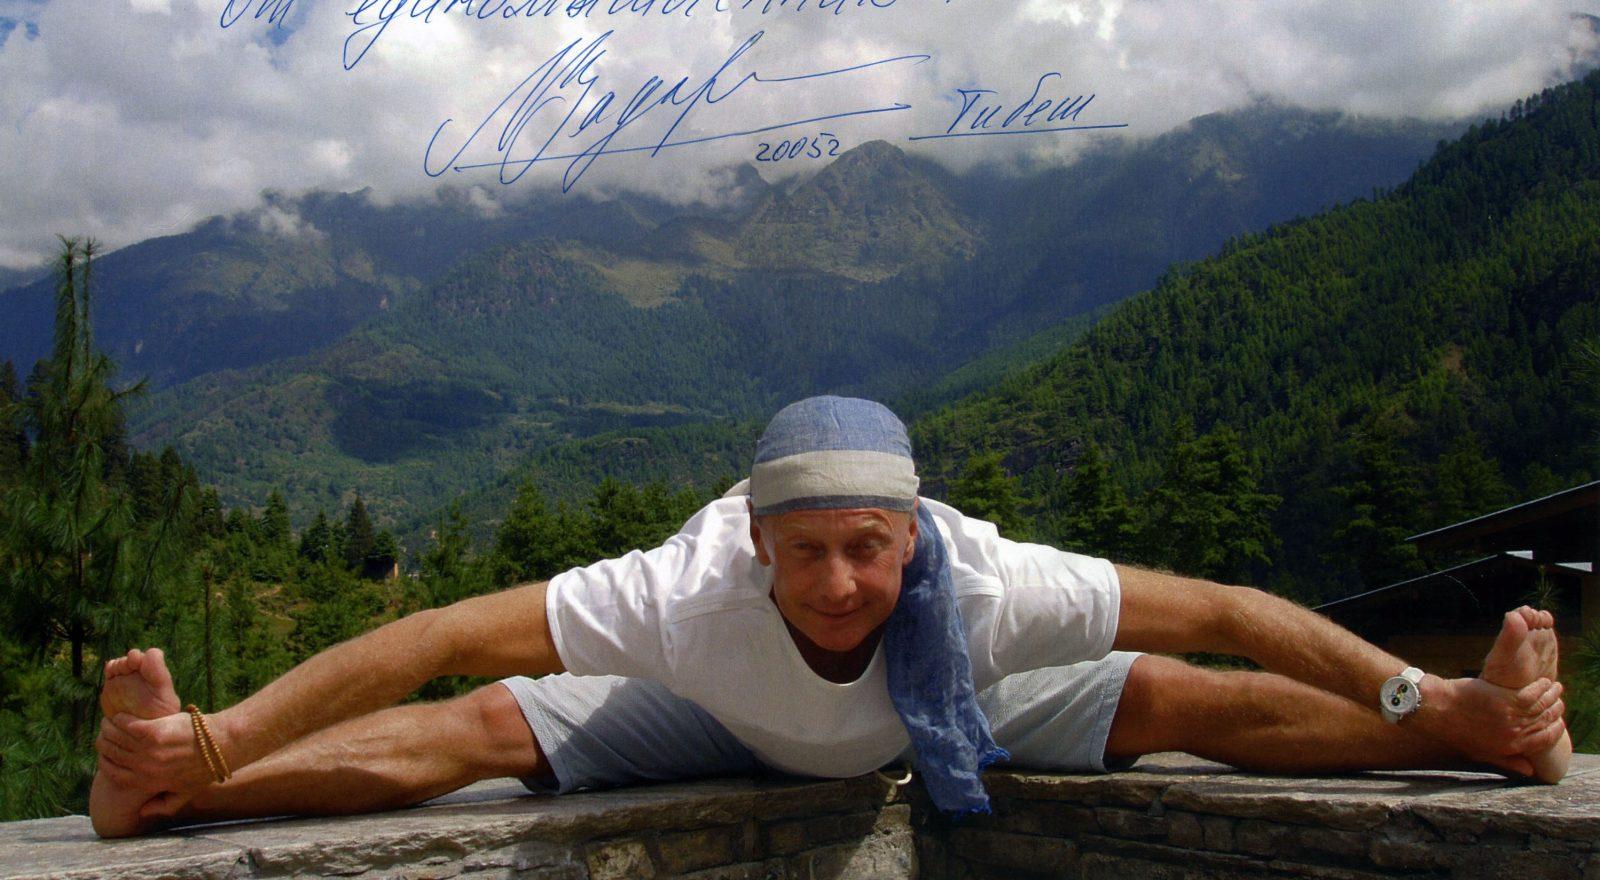 Задорнов М., сатирик,  в Тибете, 18.10.2005